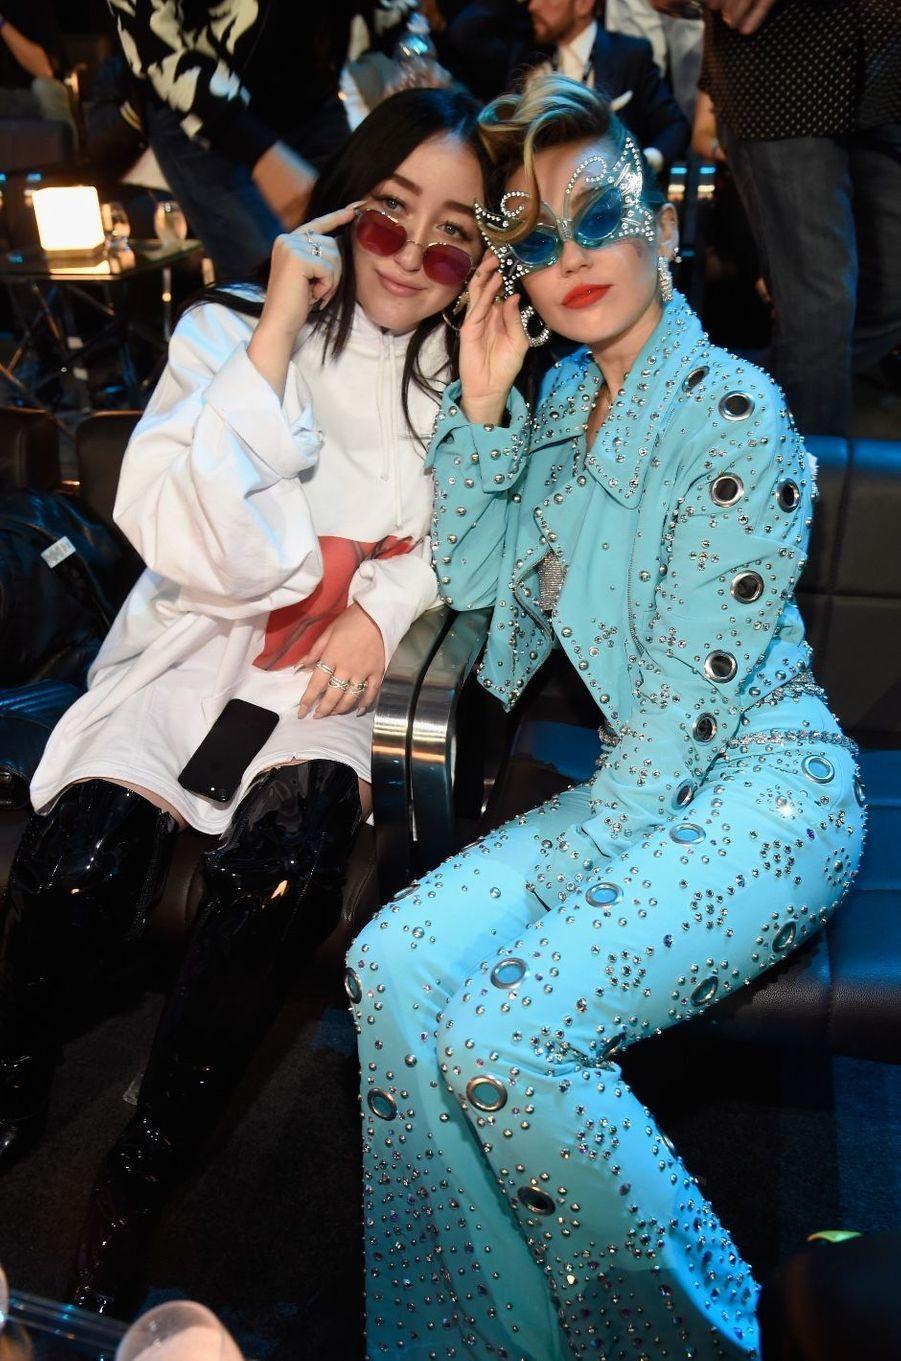 Issues d'une famille d'artistes, Miley et Noah Cyrus partagent de nombreux moments intimes et professionnels ensemble, se conseillant mutuellement et chantant parfois ensemble lors d'occasions ponctuelles.